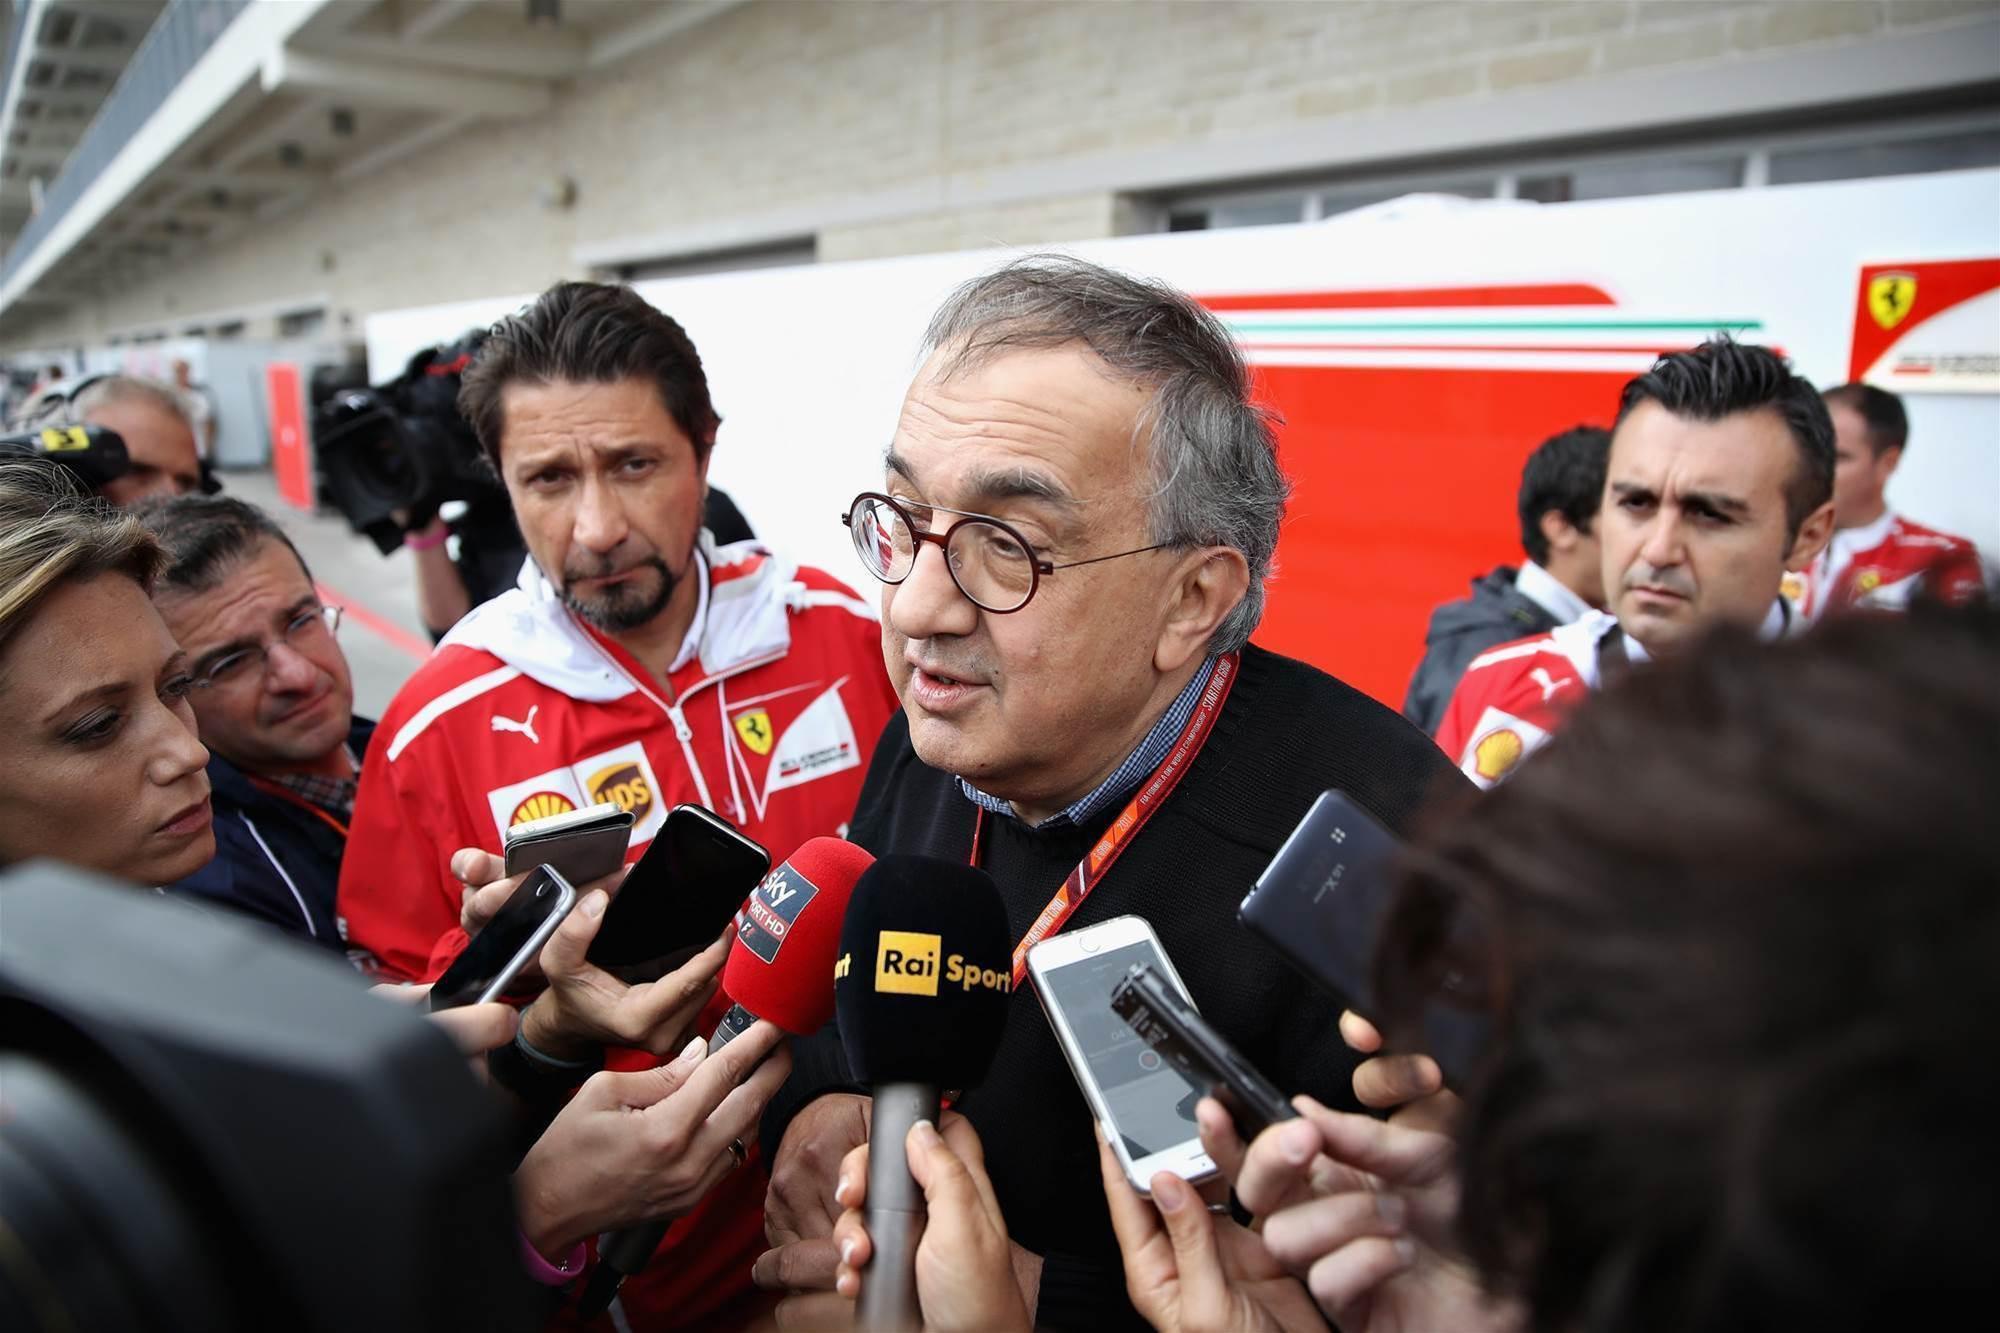 Ferrari threat to quit F1 'real'